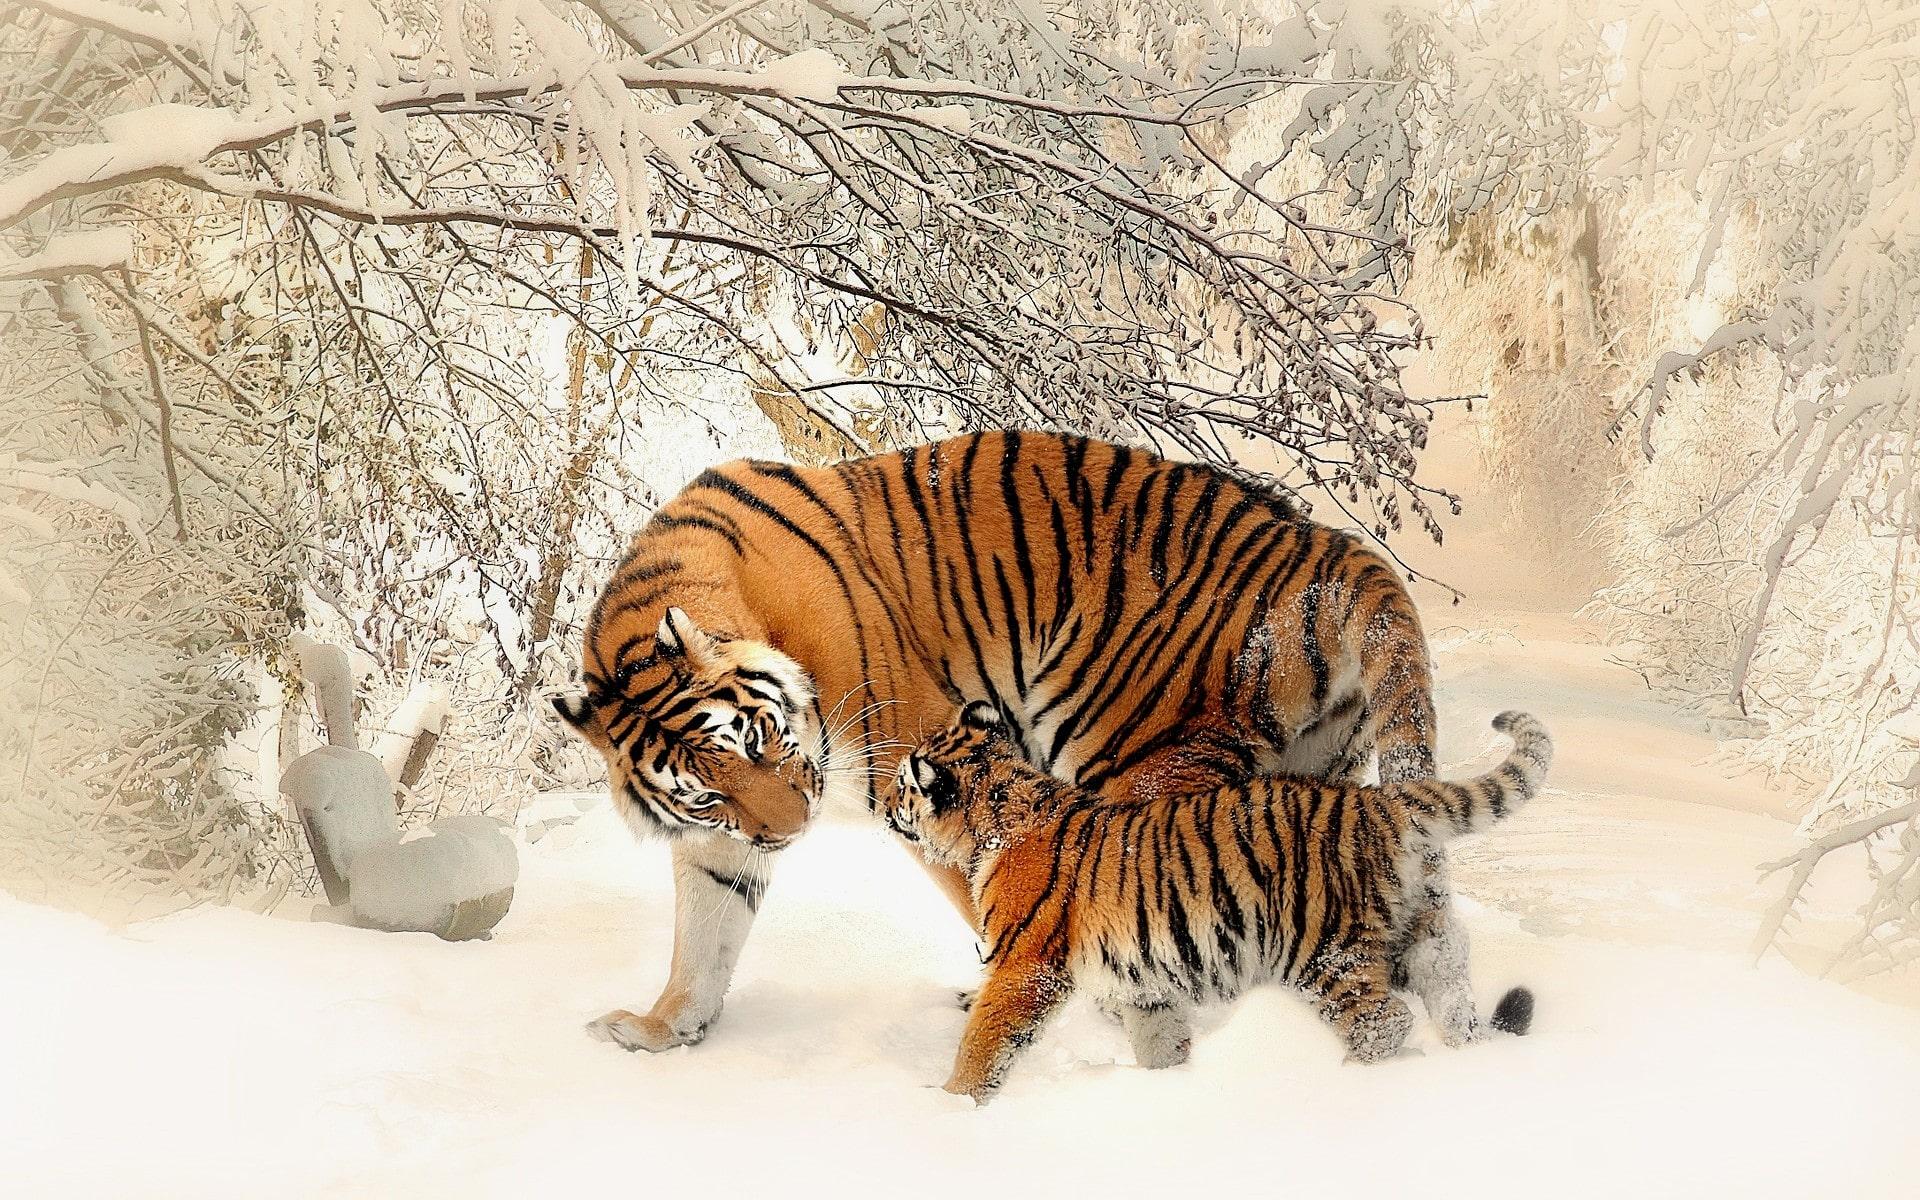 Fond Ecran Tigre Gratuit